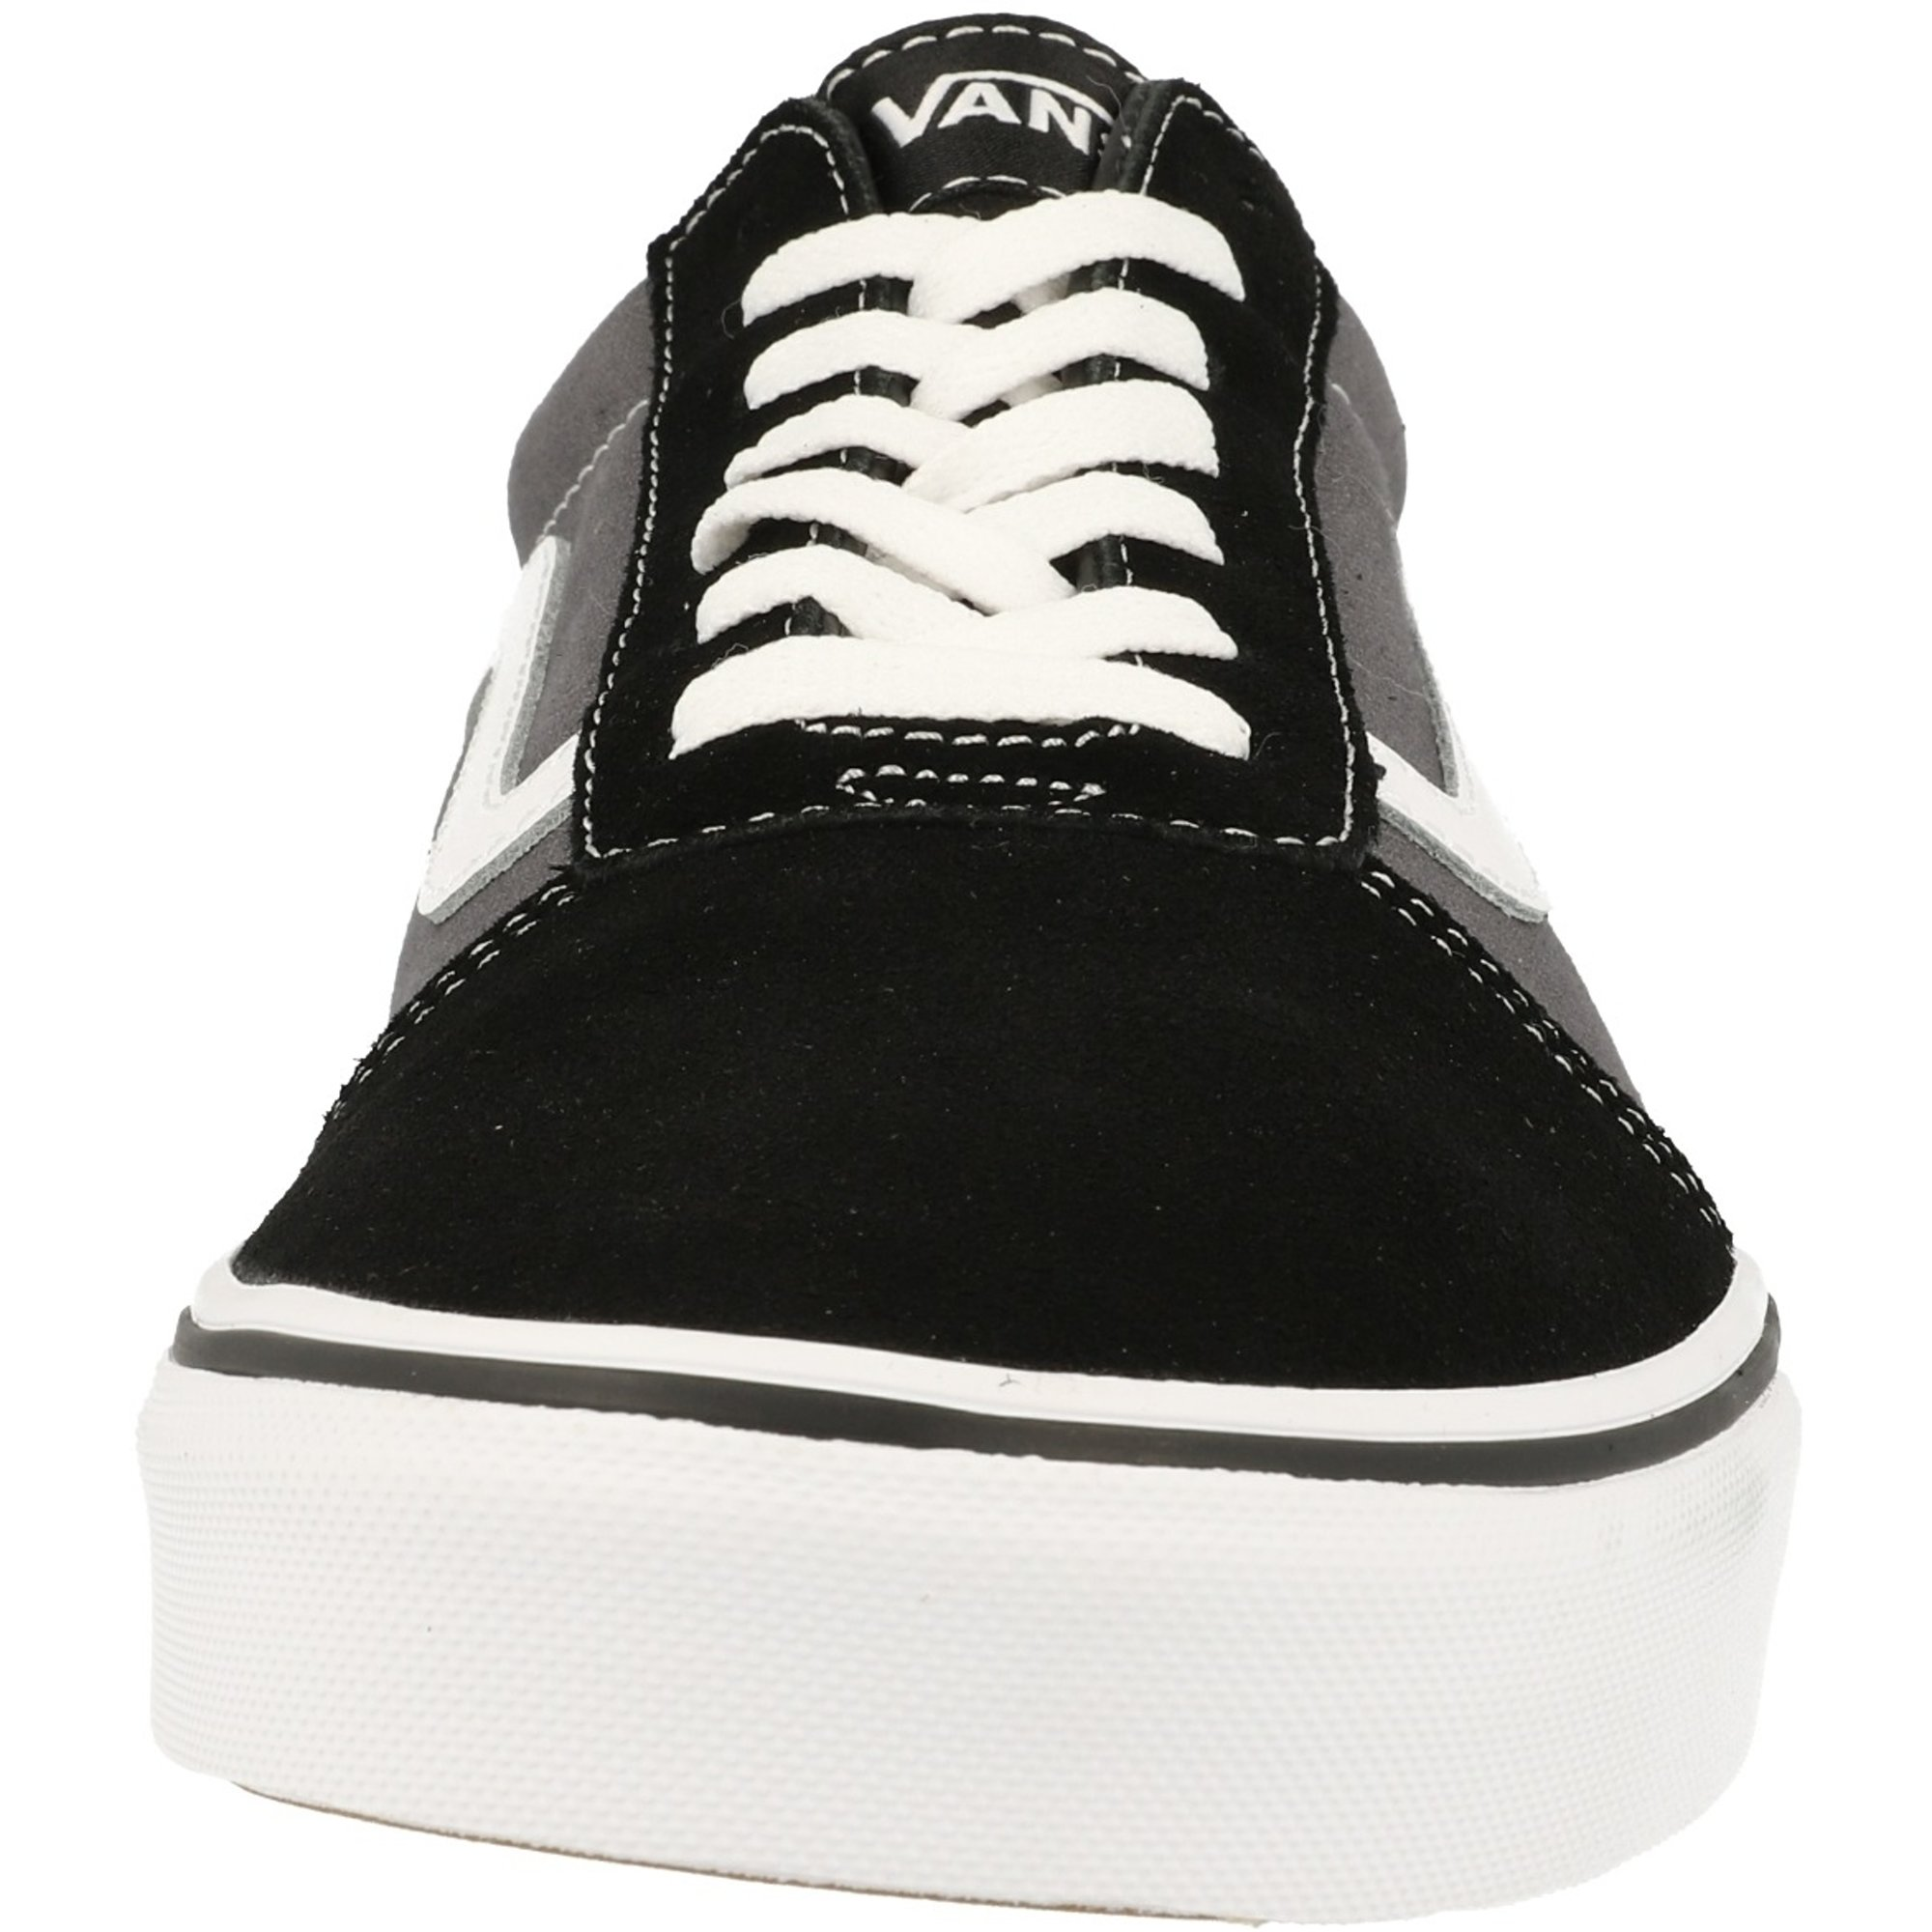 Vans MN Ward Black/Pewter Suede Adult